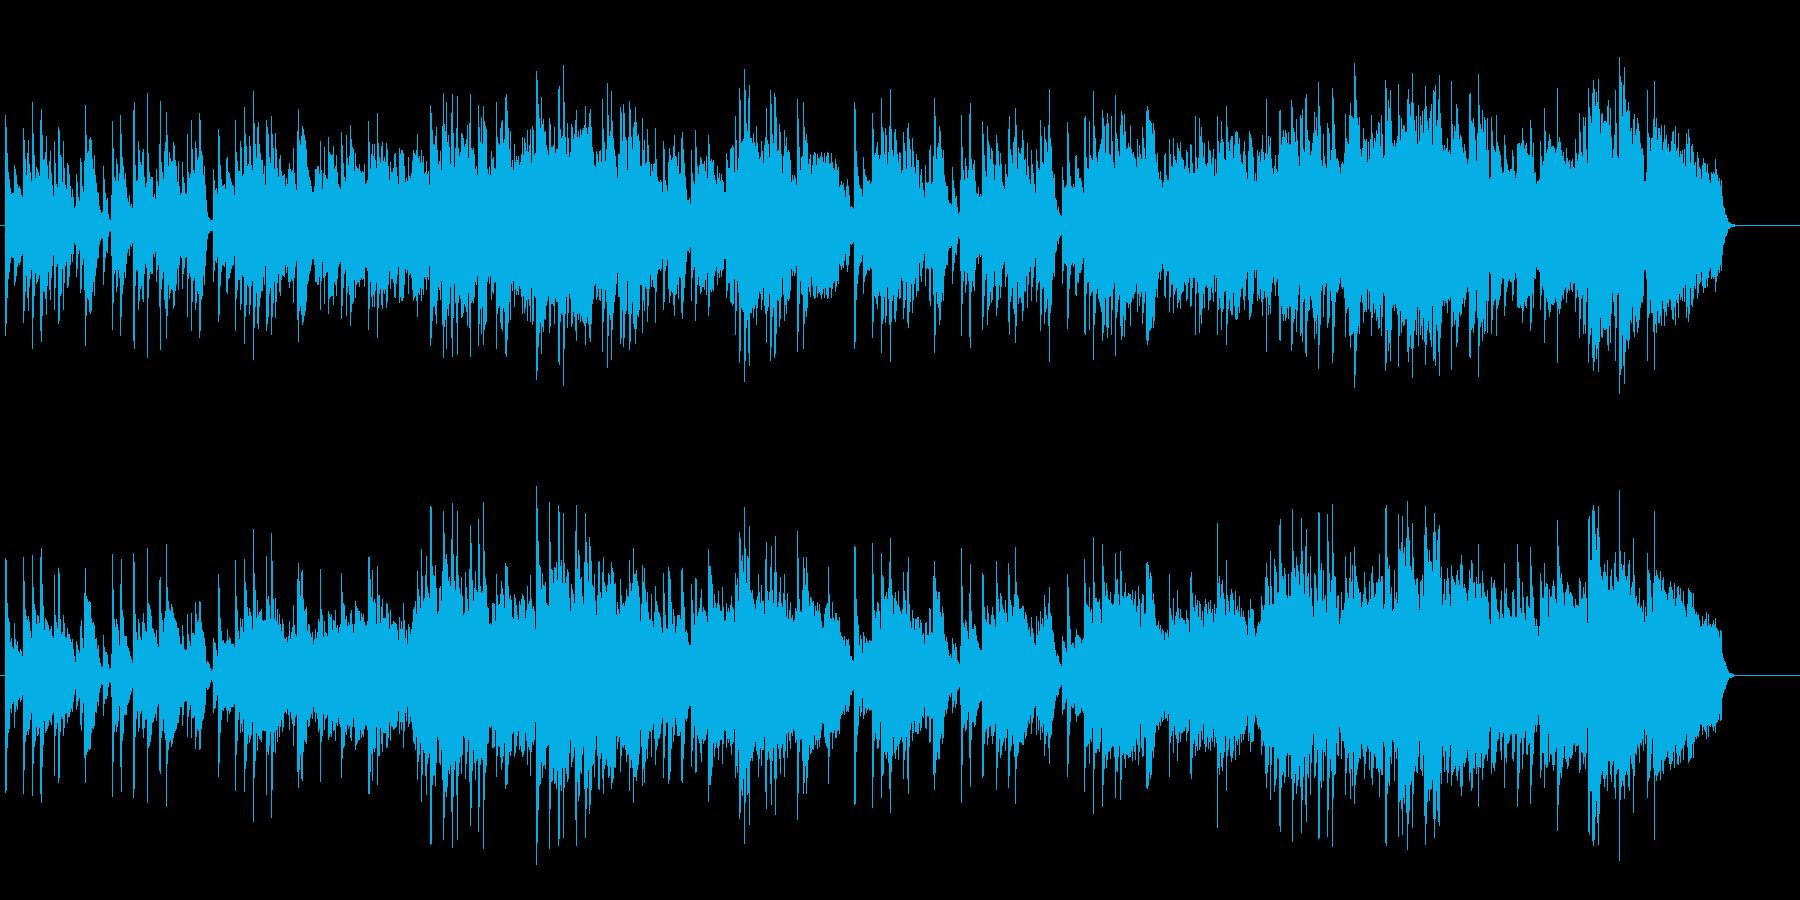 朝の安らぎのアコースティック/バラードの再生済みの波形